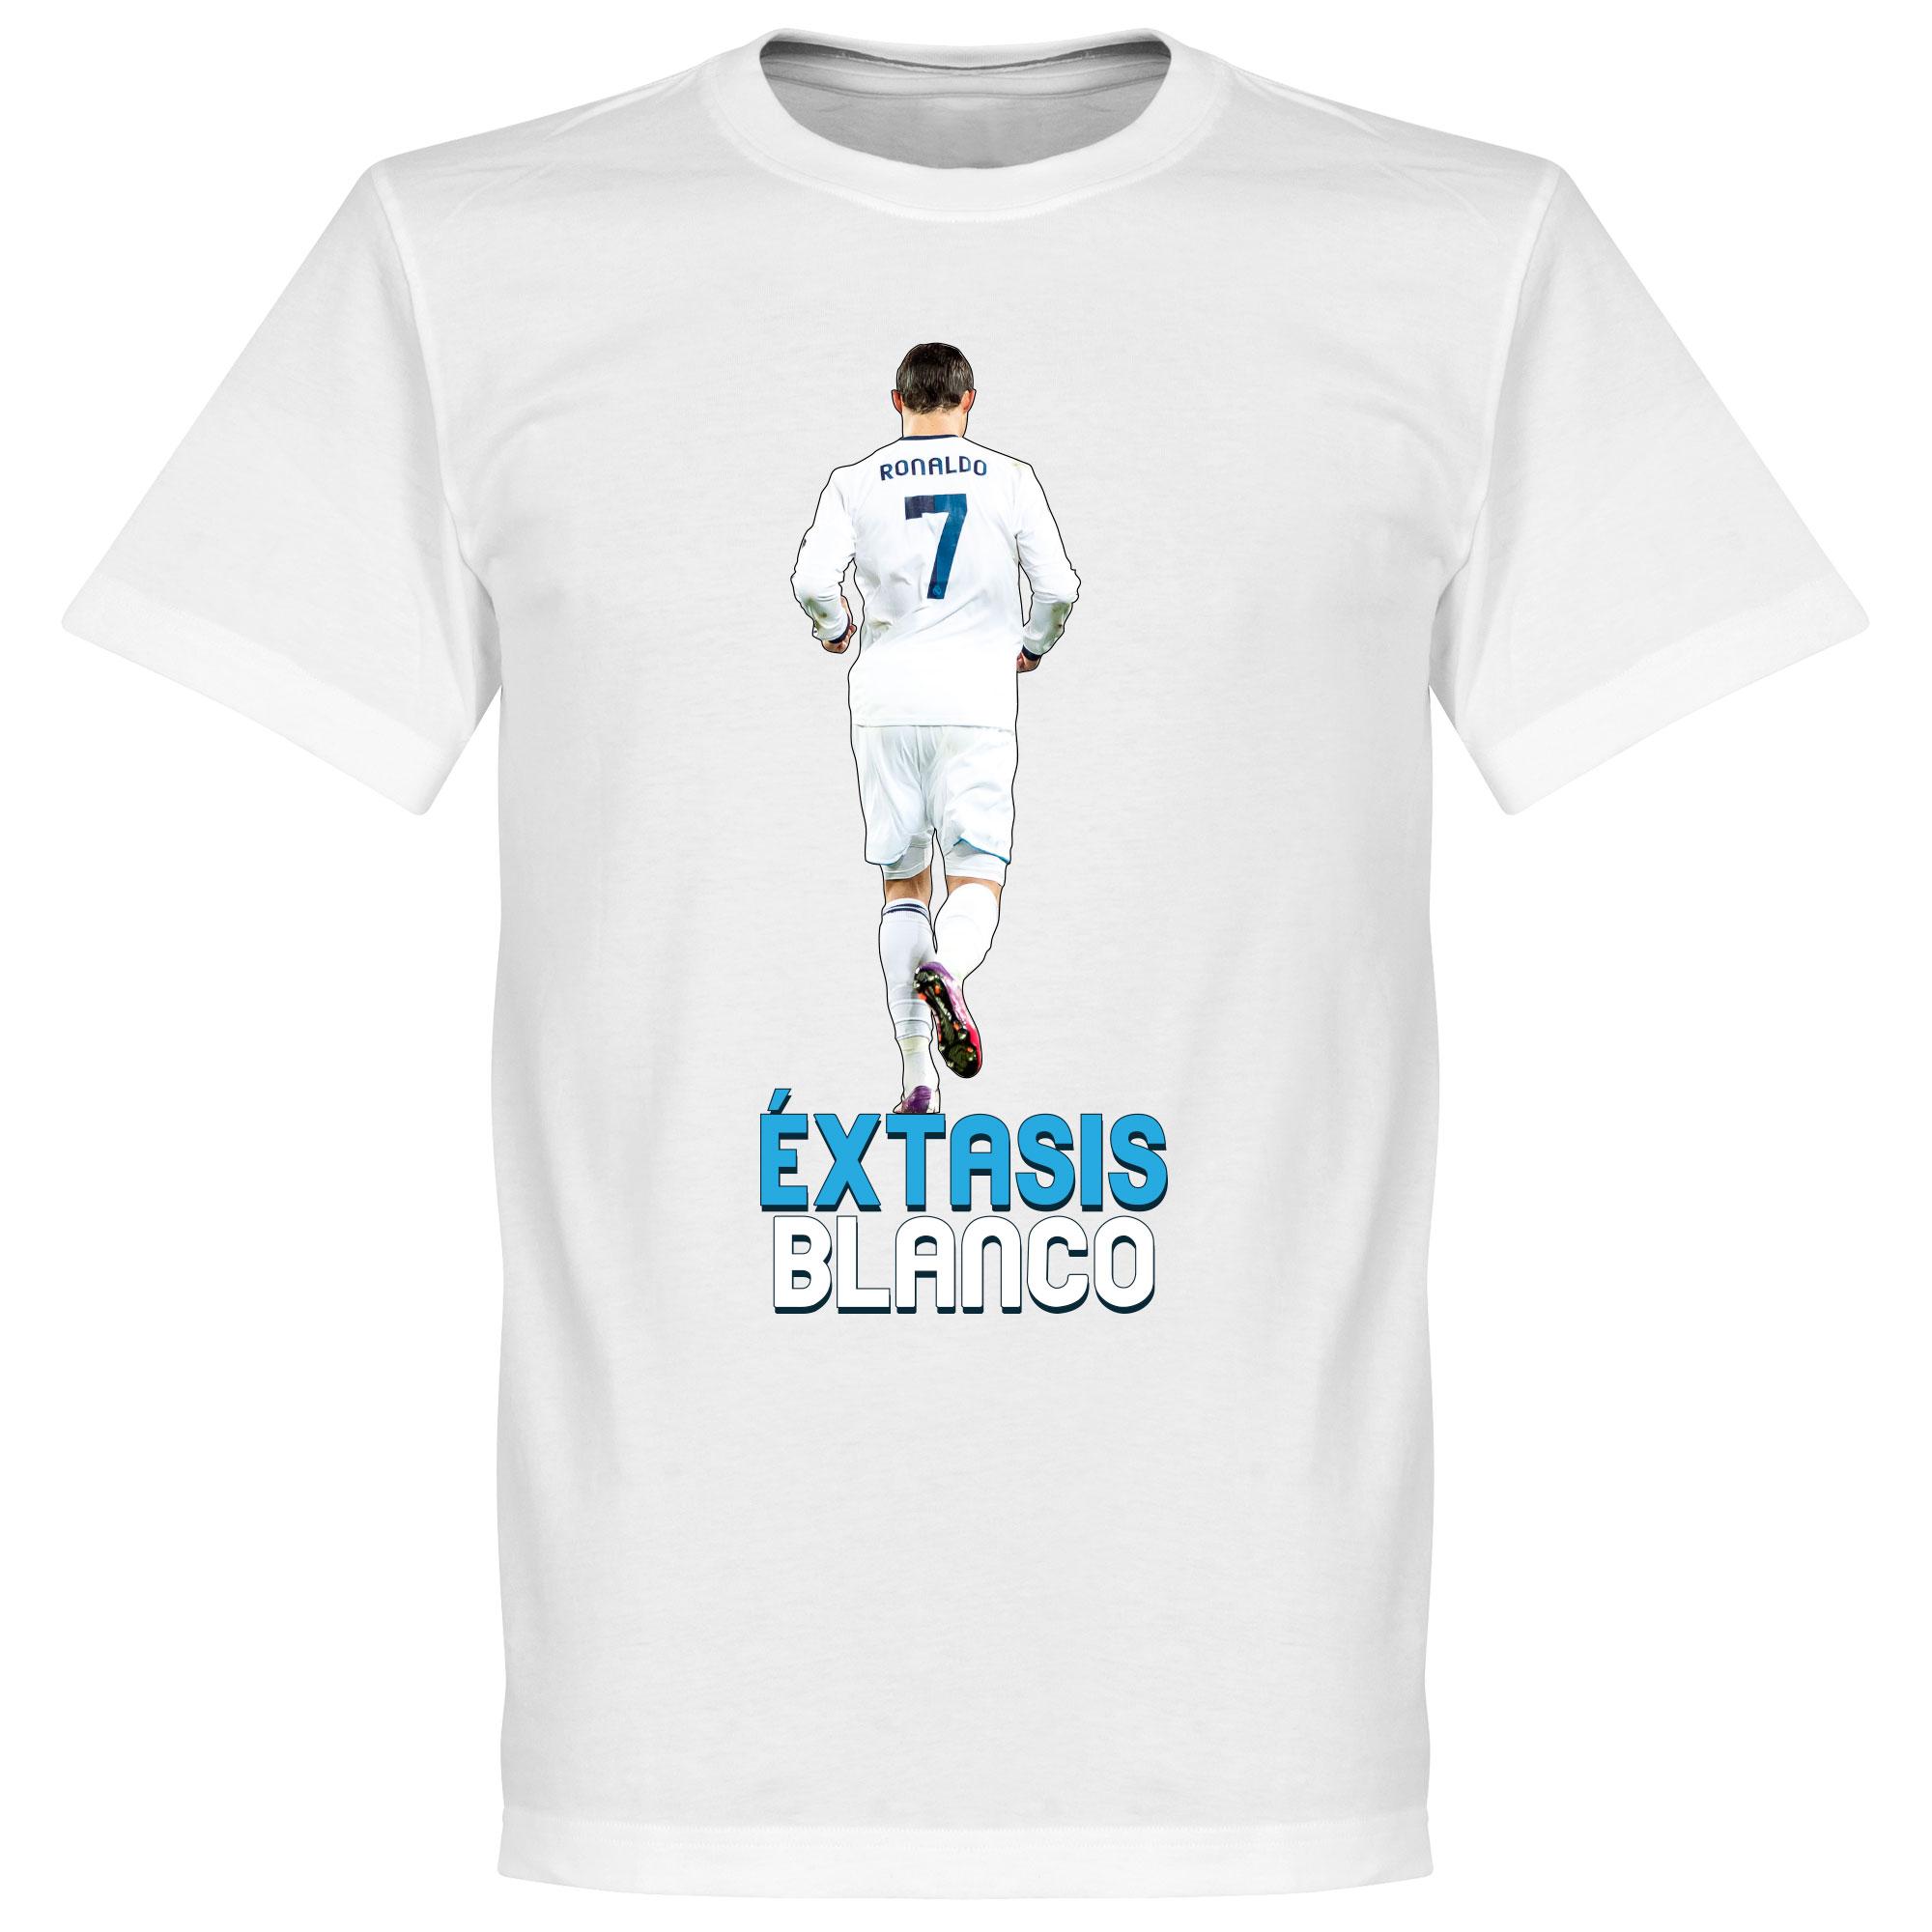 Madrid Éxtasis Blanco Ronaldo Tee - XXXXXL